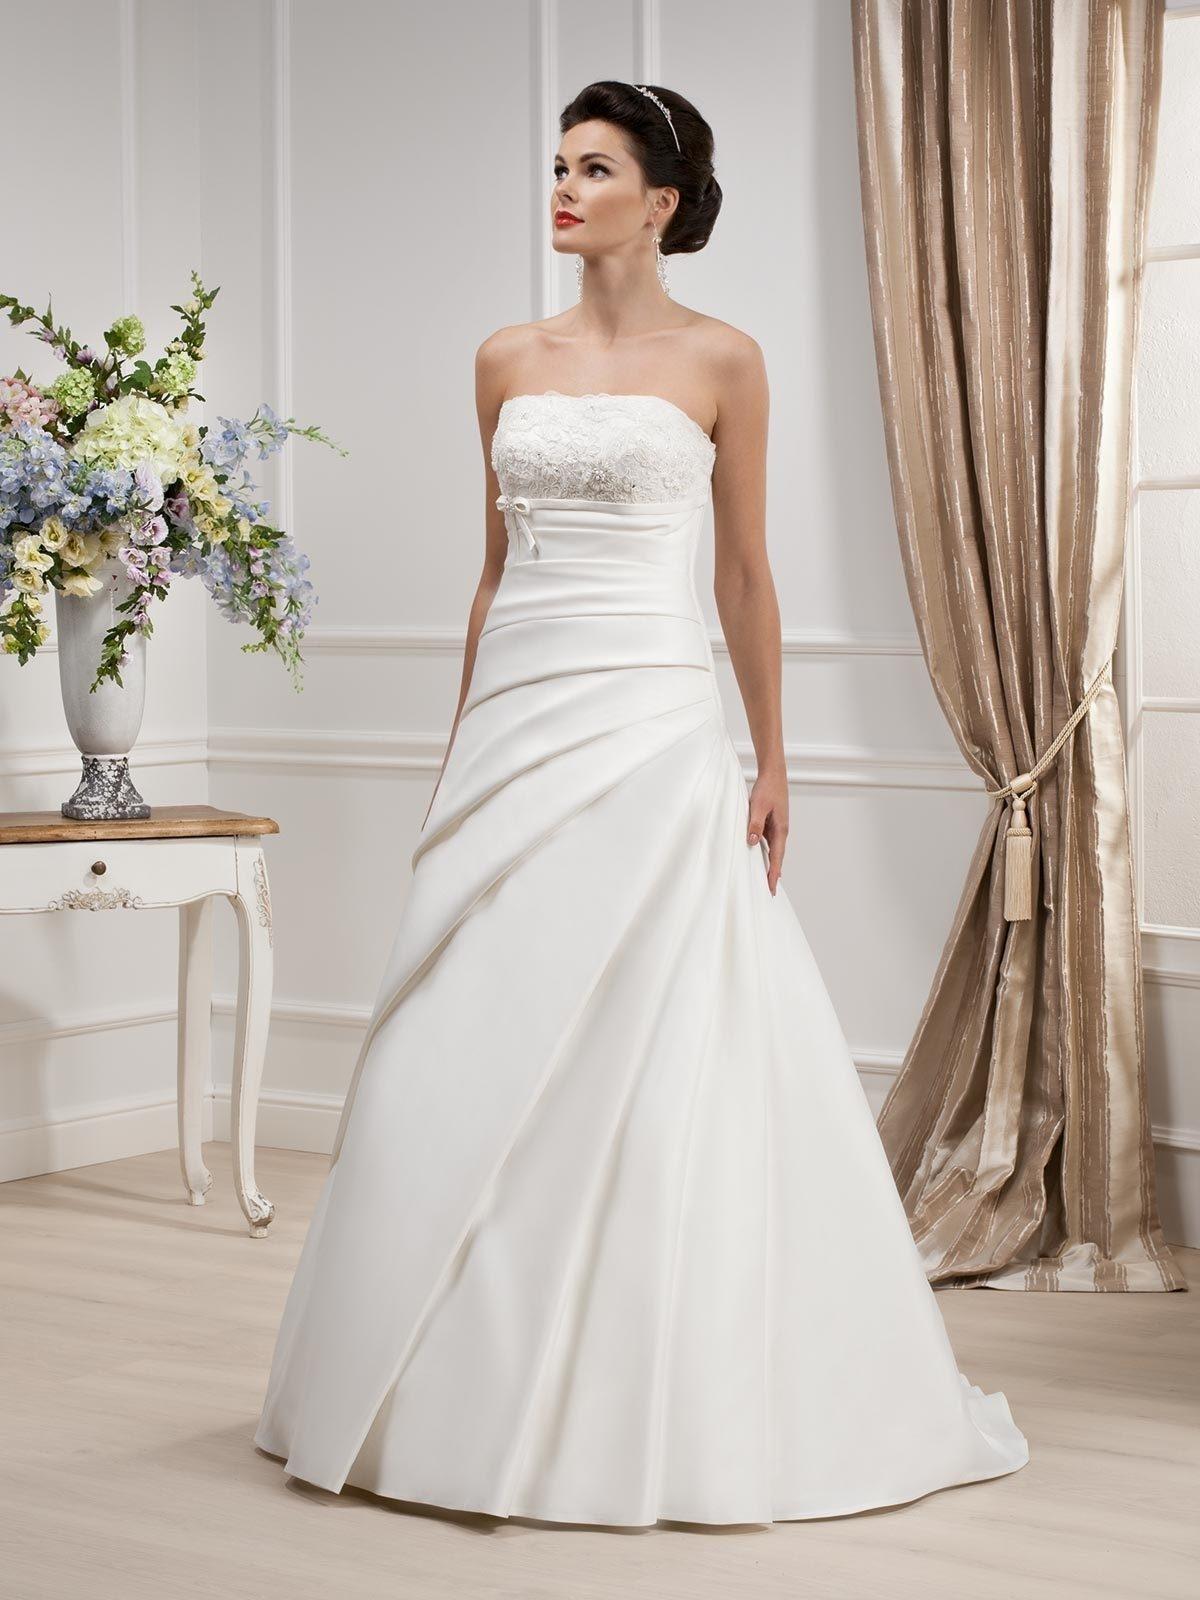 Abend Leicht Brautkleider Mode Stylish Schön Brautkleider Mode Vertrieb